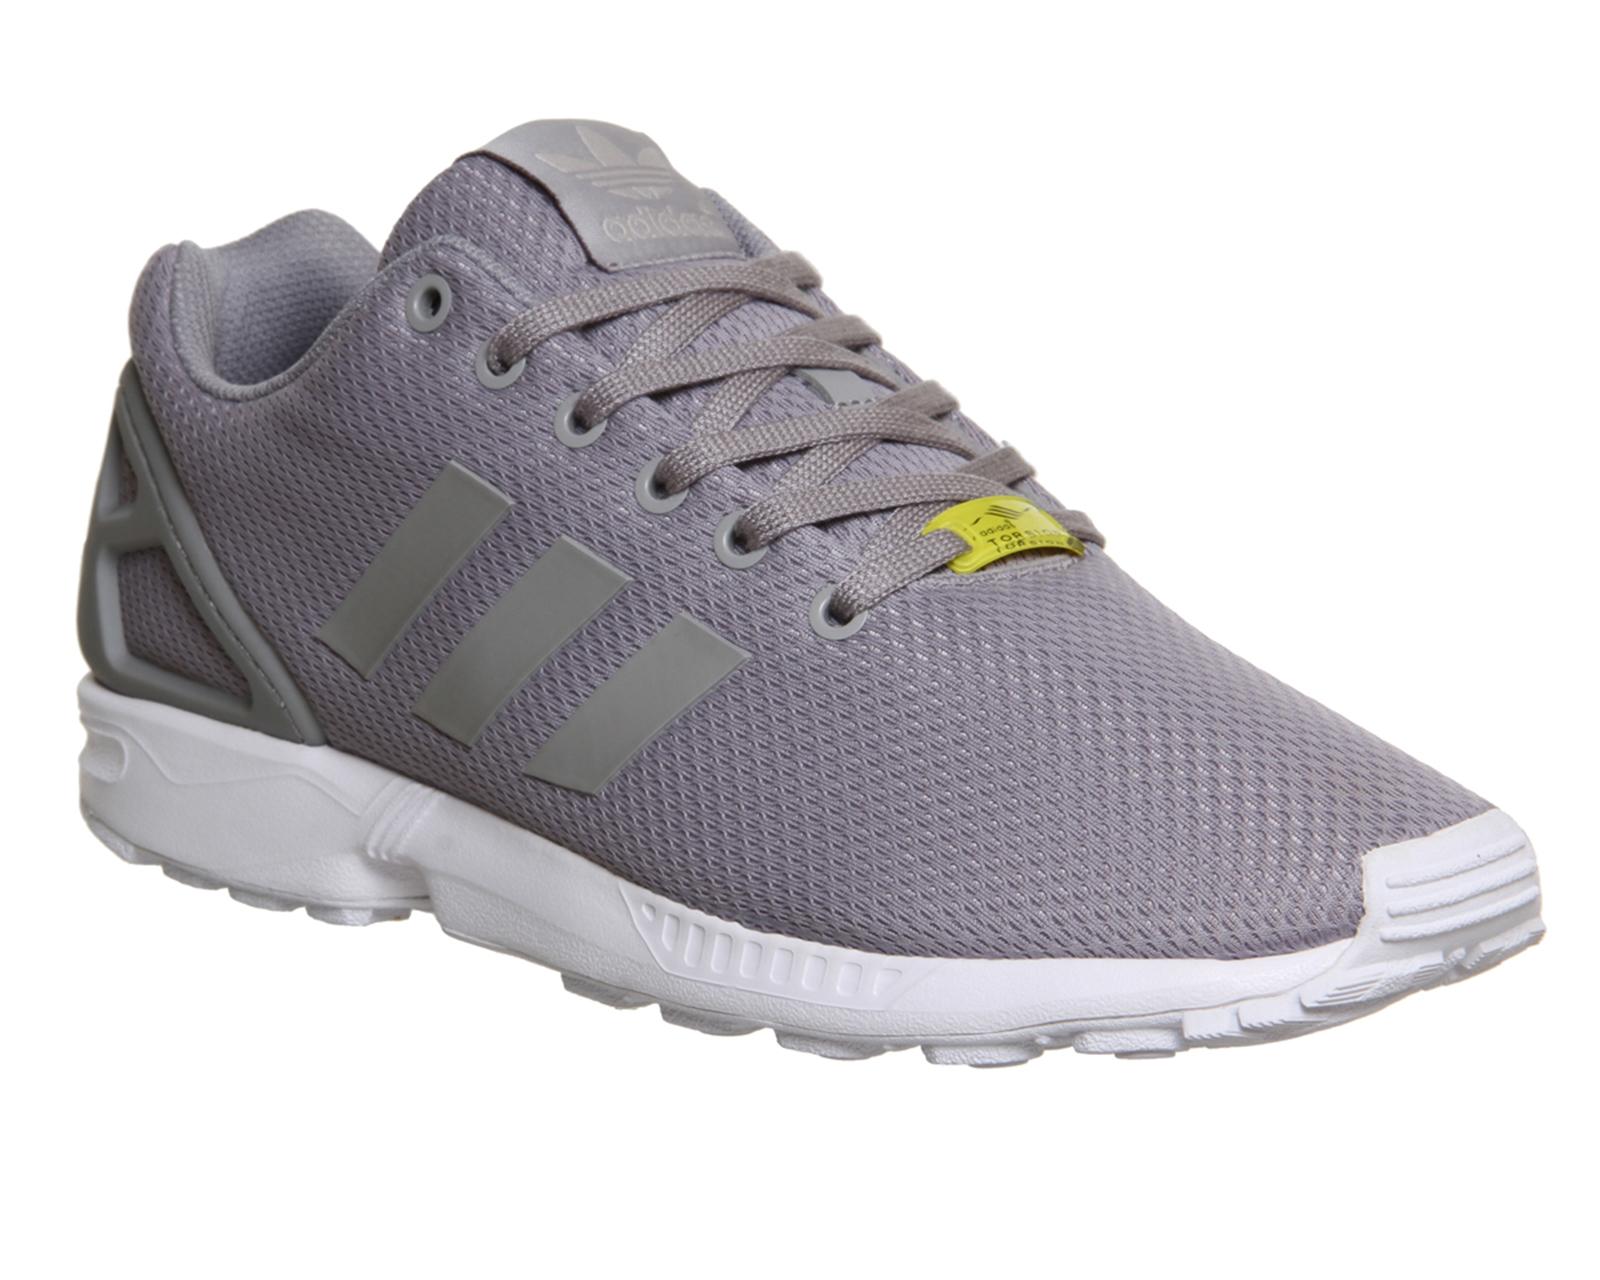 Adidas Zx Flux Grau Herren